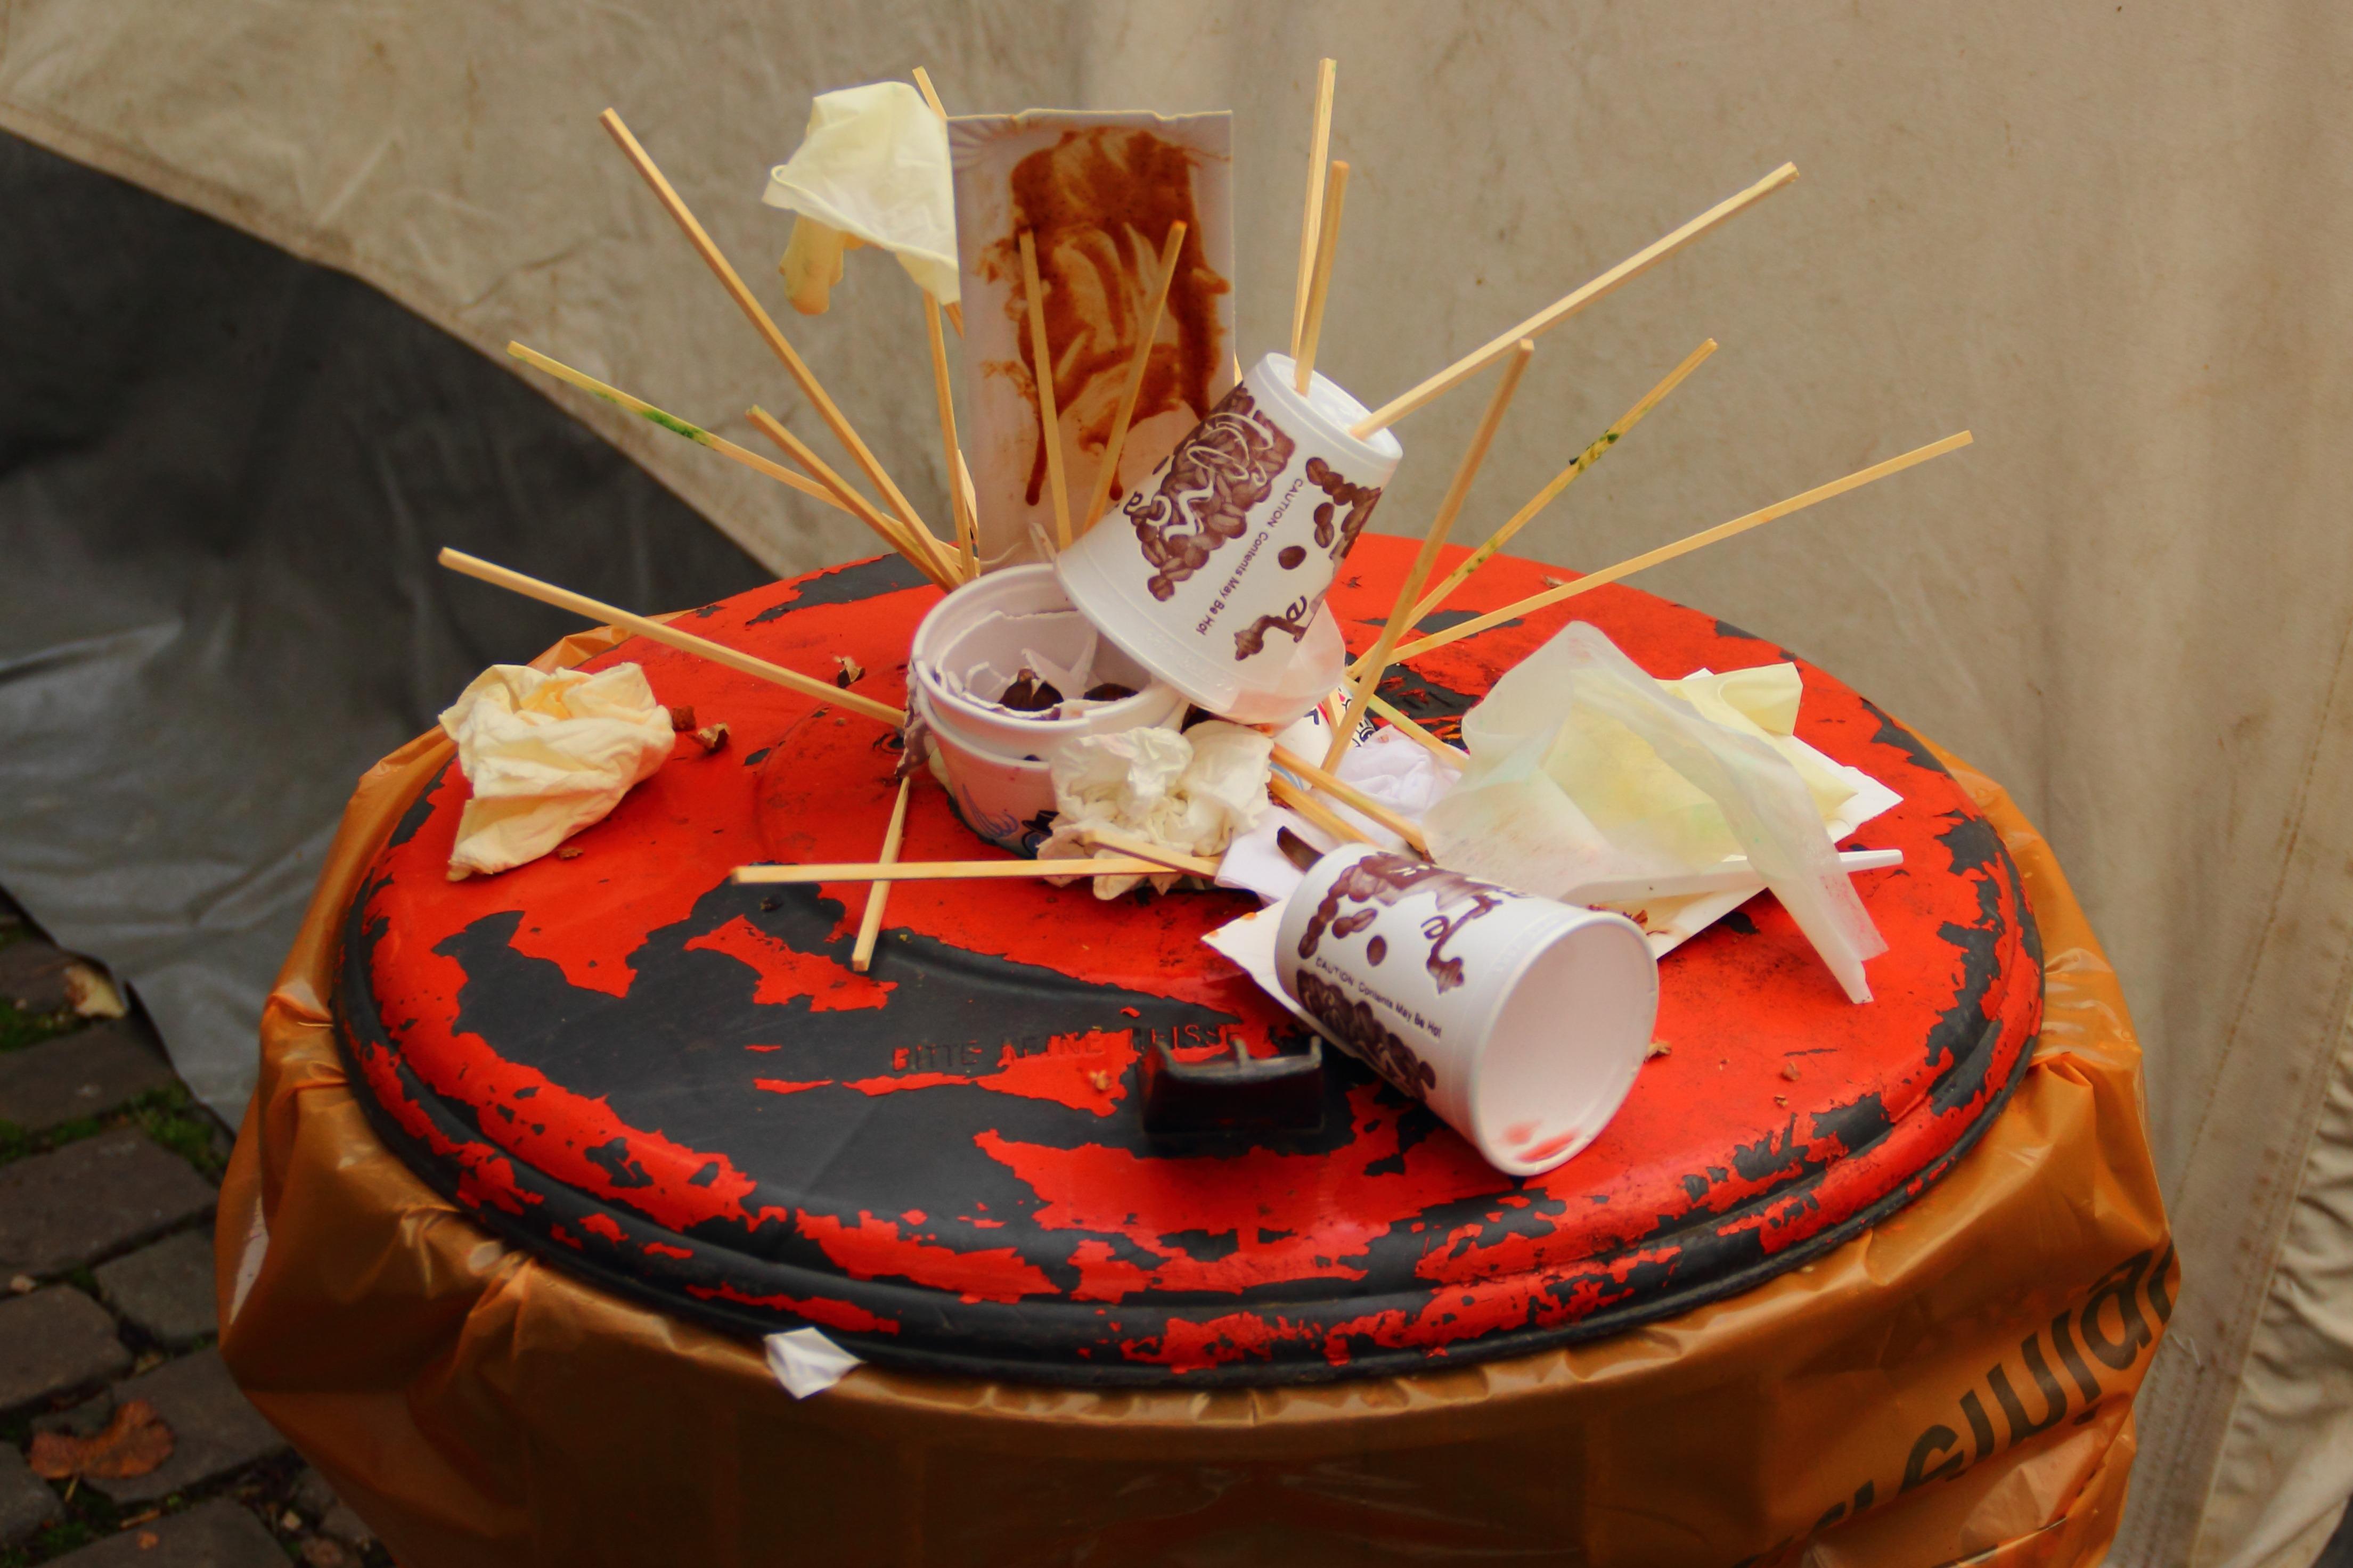 Fotos gratis : comida, rojo, postre, cocina, pastel de cumpleaños ...